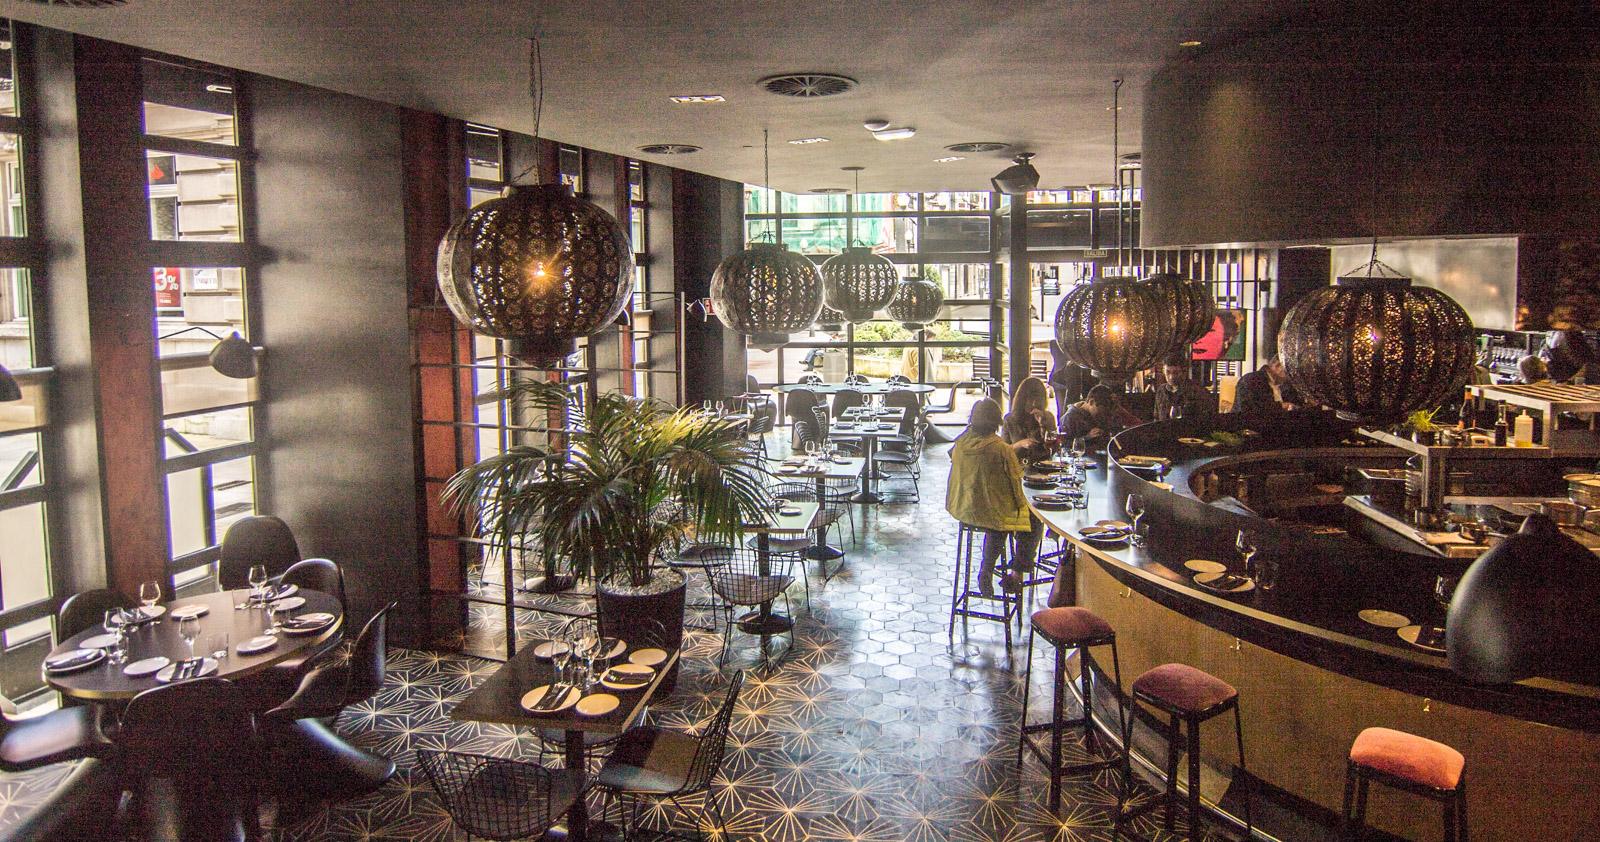 dónde comer en gijón, comer en gijón, restaurantes de gijón, cenar en gijón, gijón, asturias, cachopo, takemysecrets